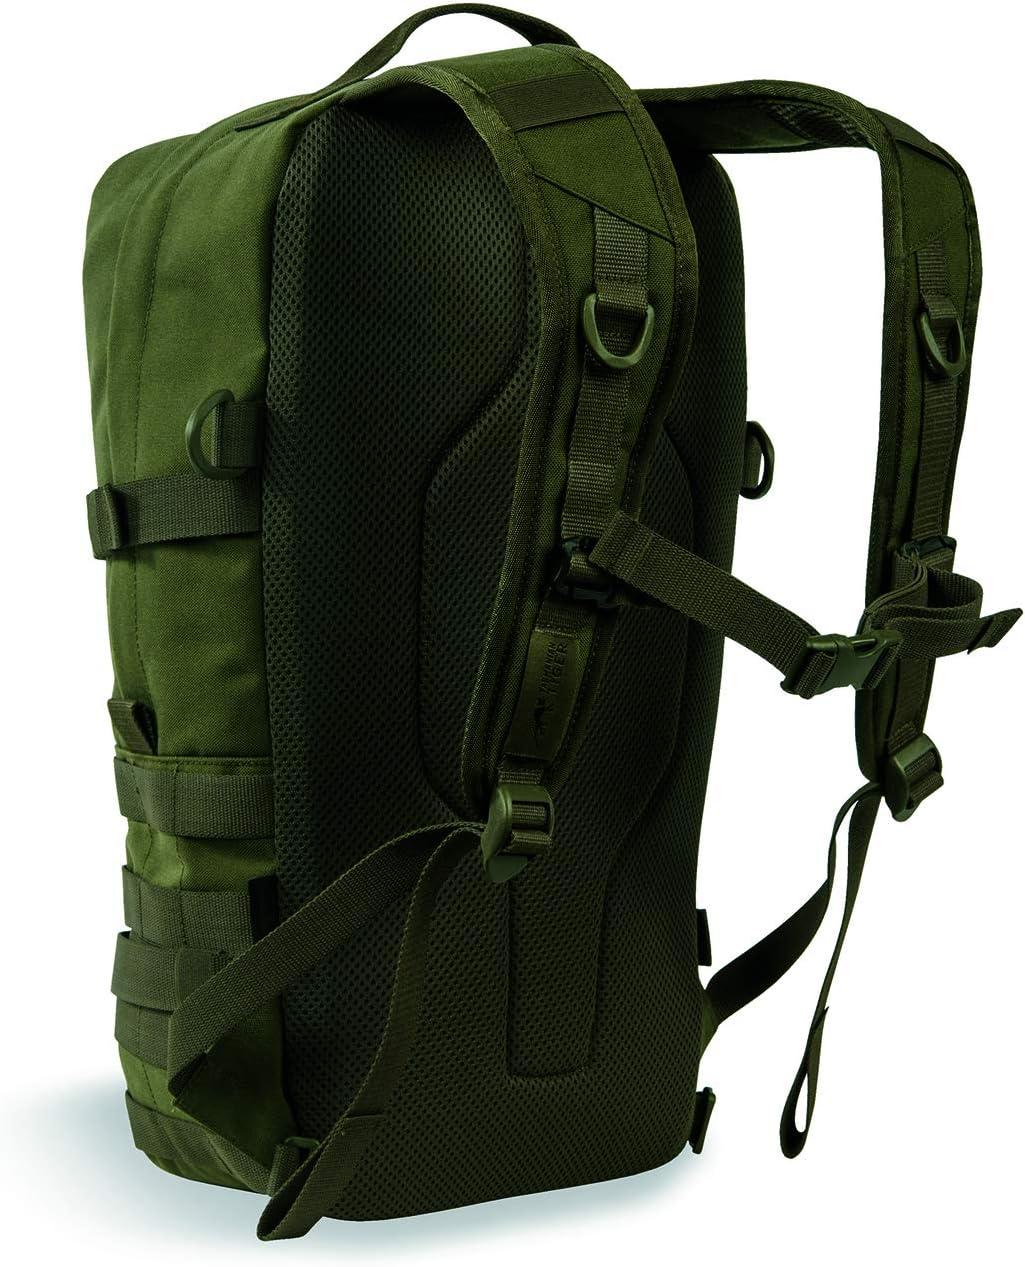 Tasmanian Tiger TT Essential Pack L MKII Sac /à Dos de Randonn/ée Militaire Tactique Compatible avec Molle dun Volume de 15 litres